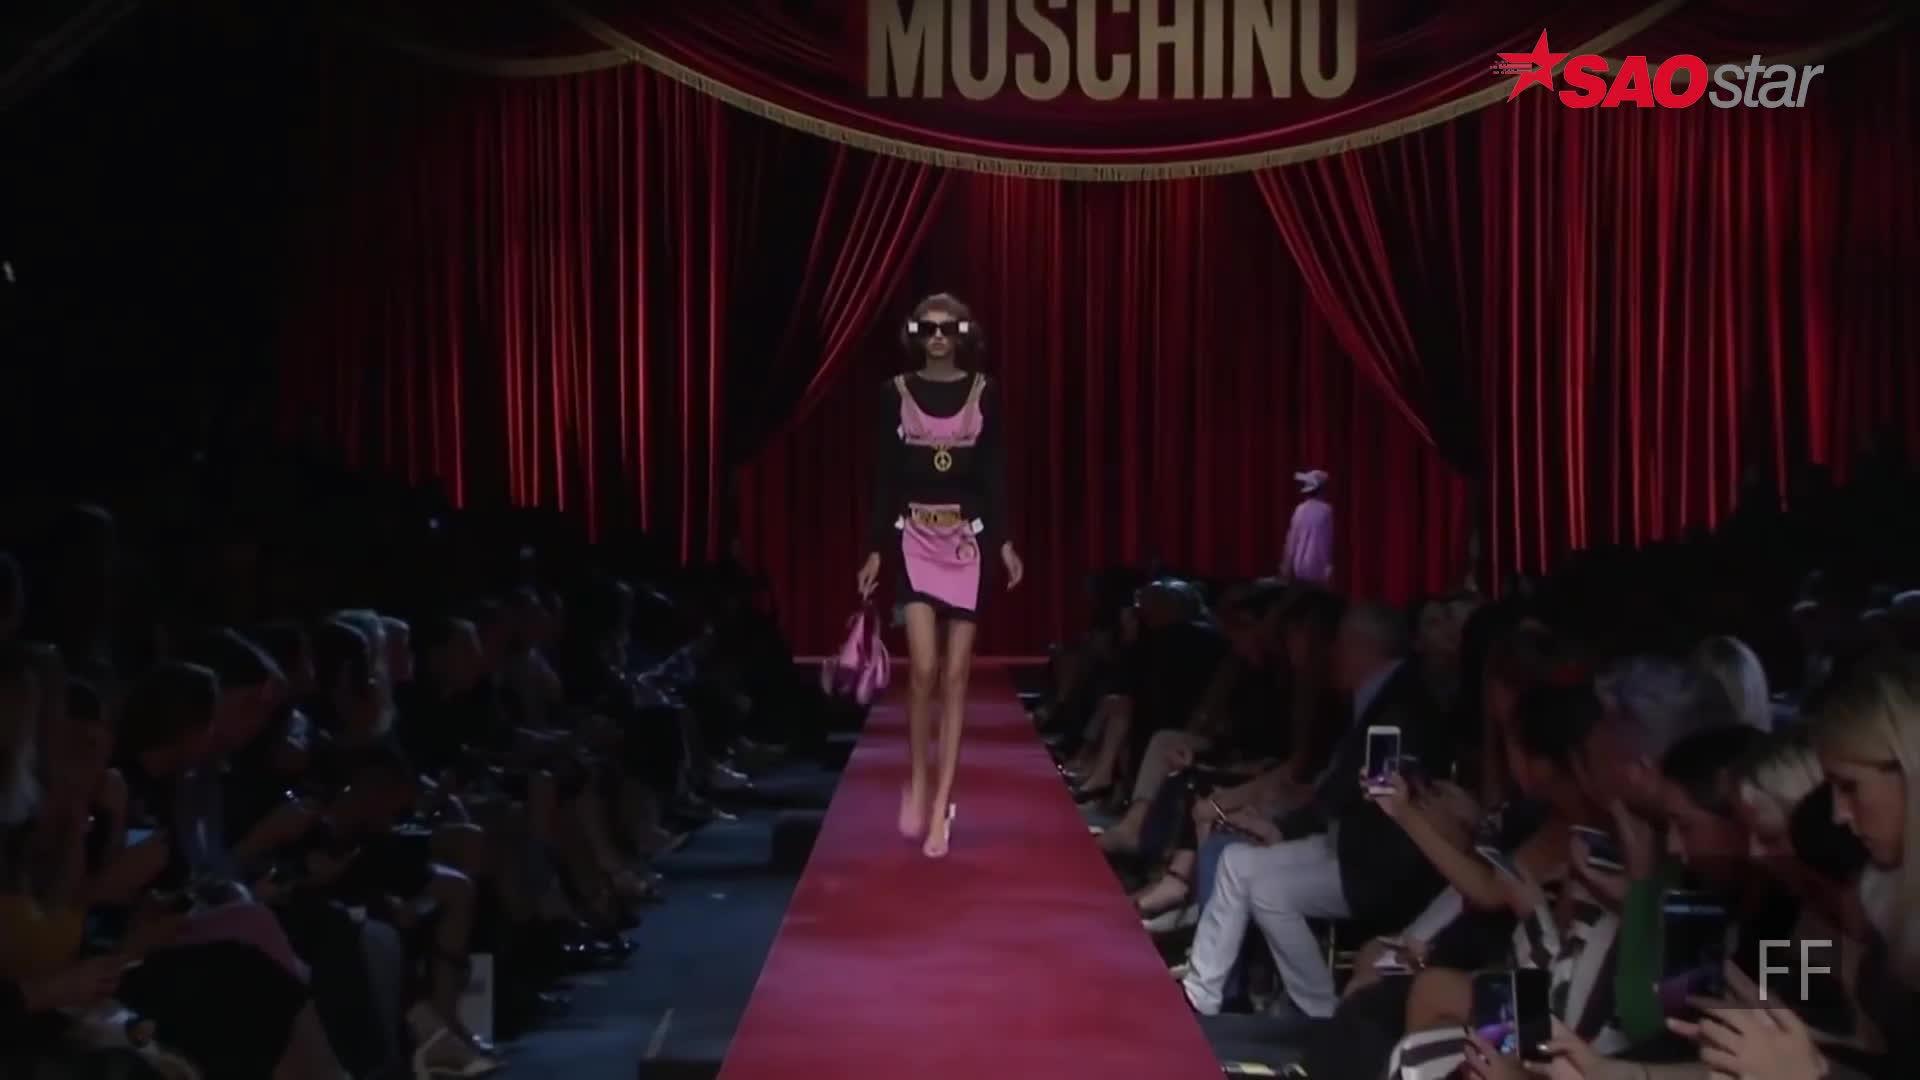 Tóc Tiên diện Moschino, chuẩn bị kỹ càng để phá đảo Seoul Fashion Week!